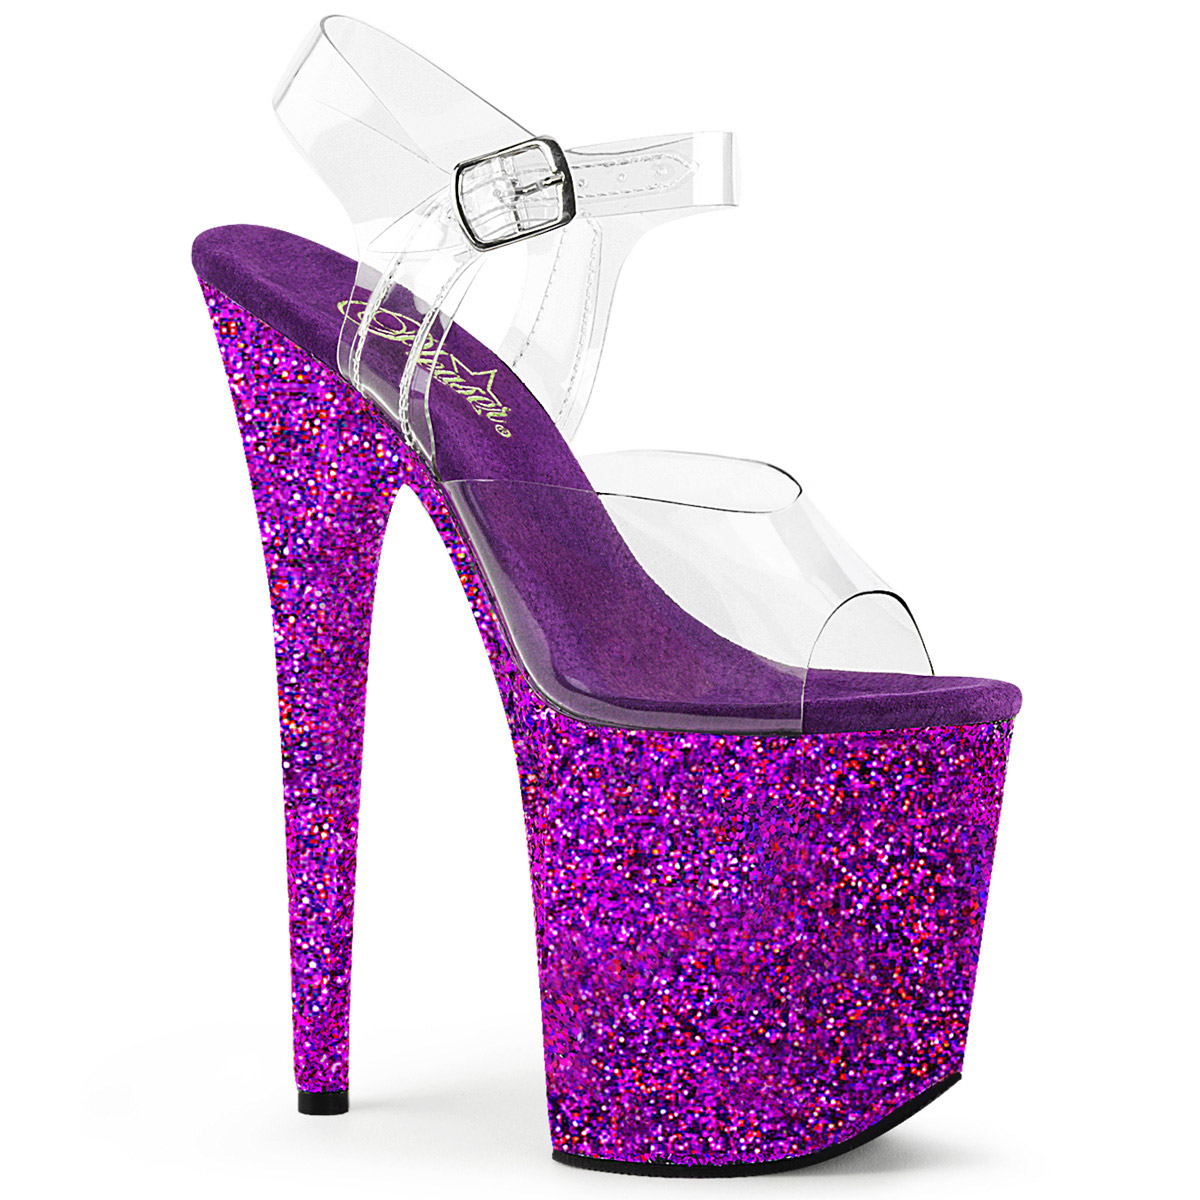 Pleaser Flamingo-808LG Glitter Ankle Strap Sandal (Women's) Cr7fRs